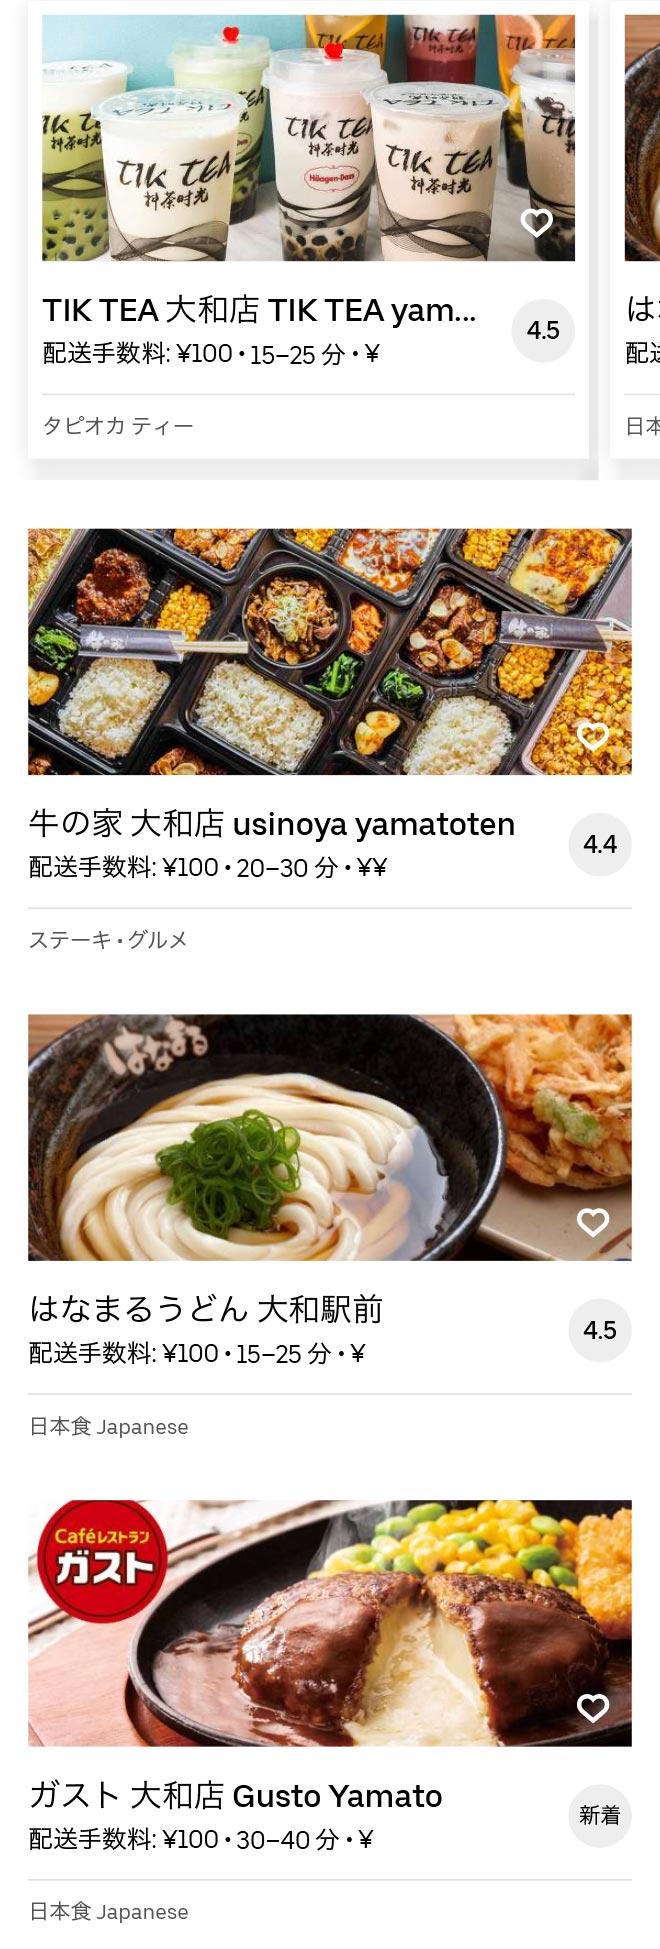 Yamato menu 2008 03